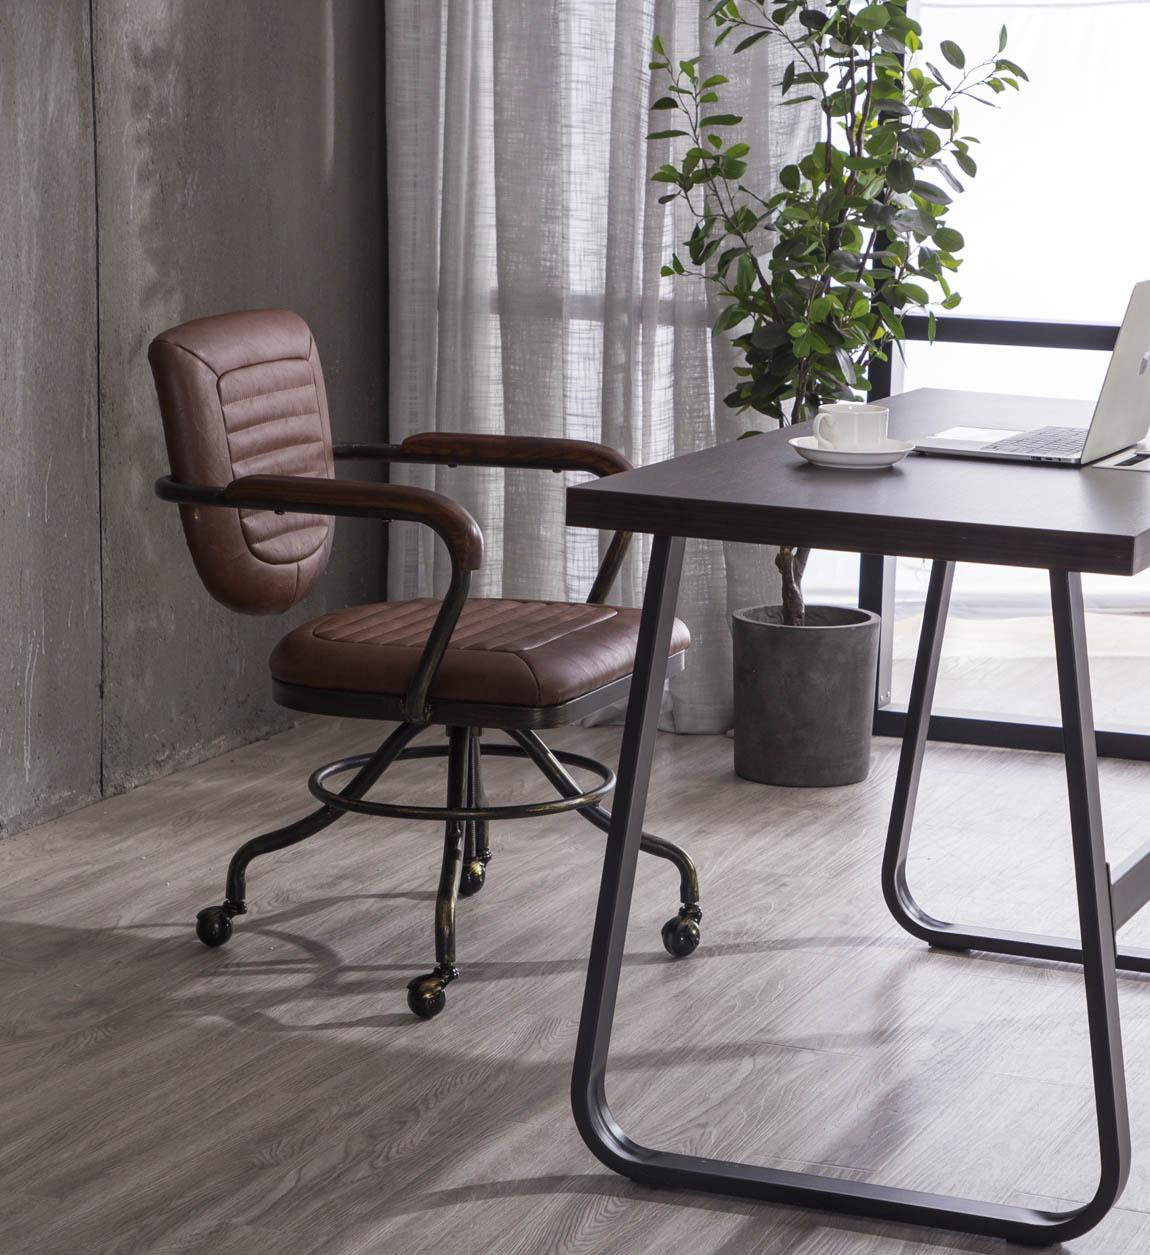 Fauteuil de bureau pivotant en noir et simili cuir marron